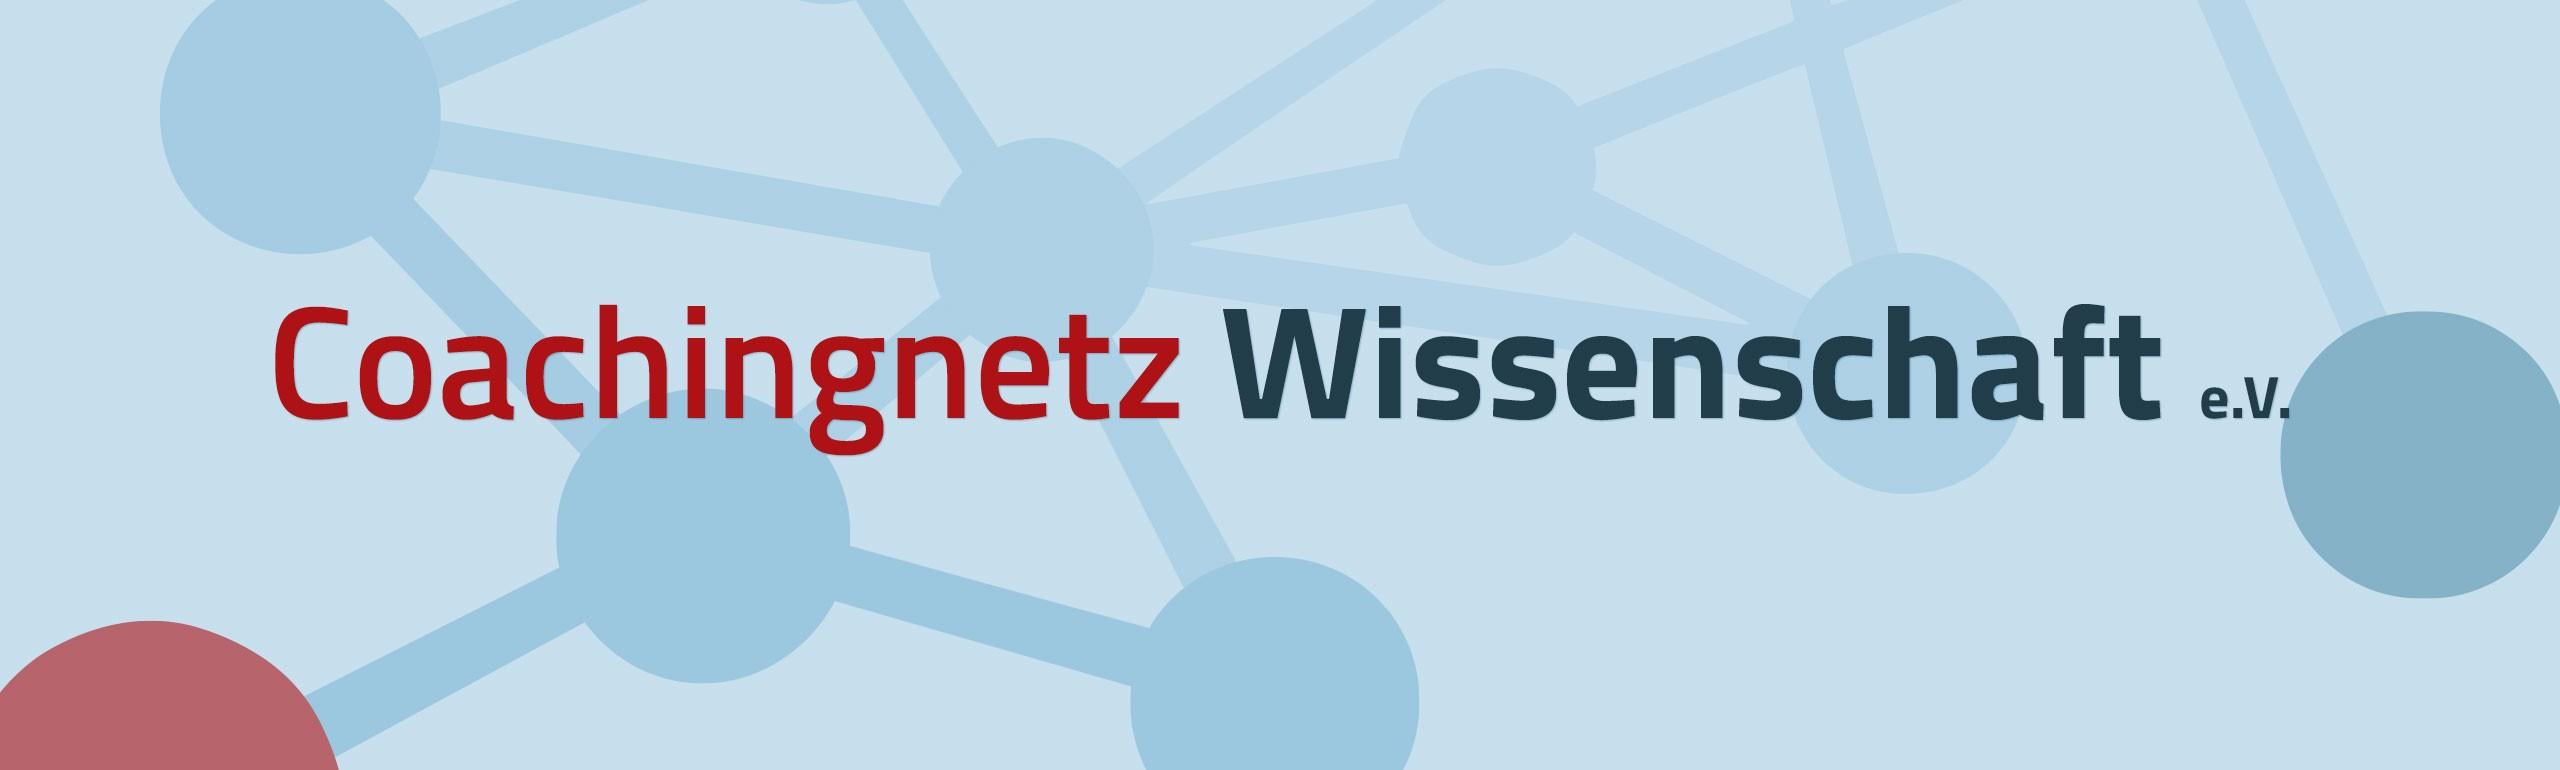 Coachingnetz Wissenschaft e.V.